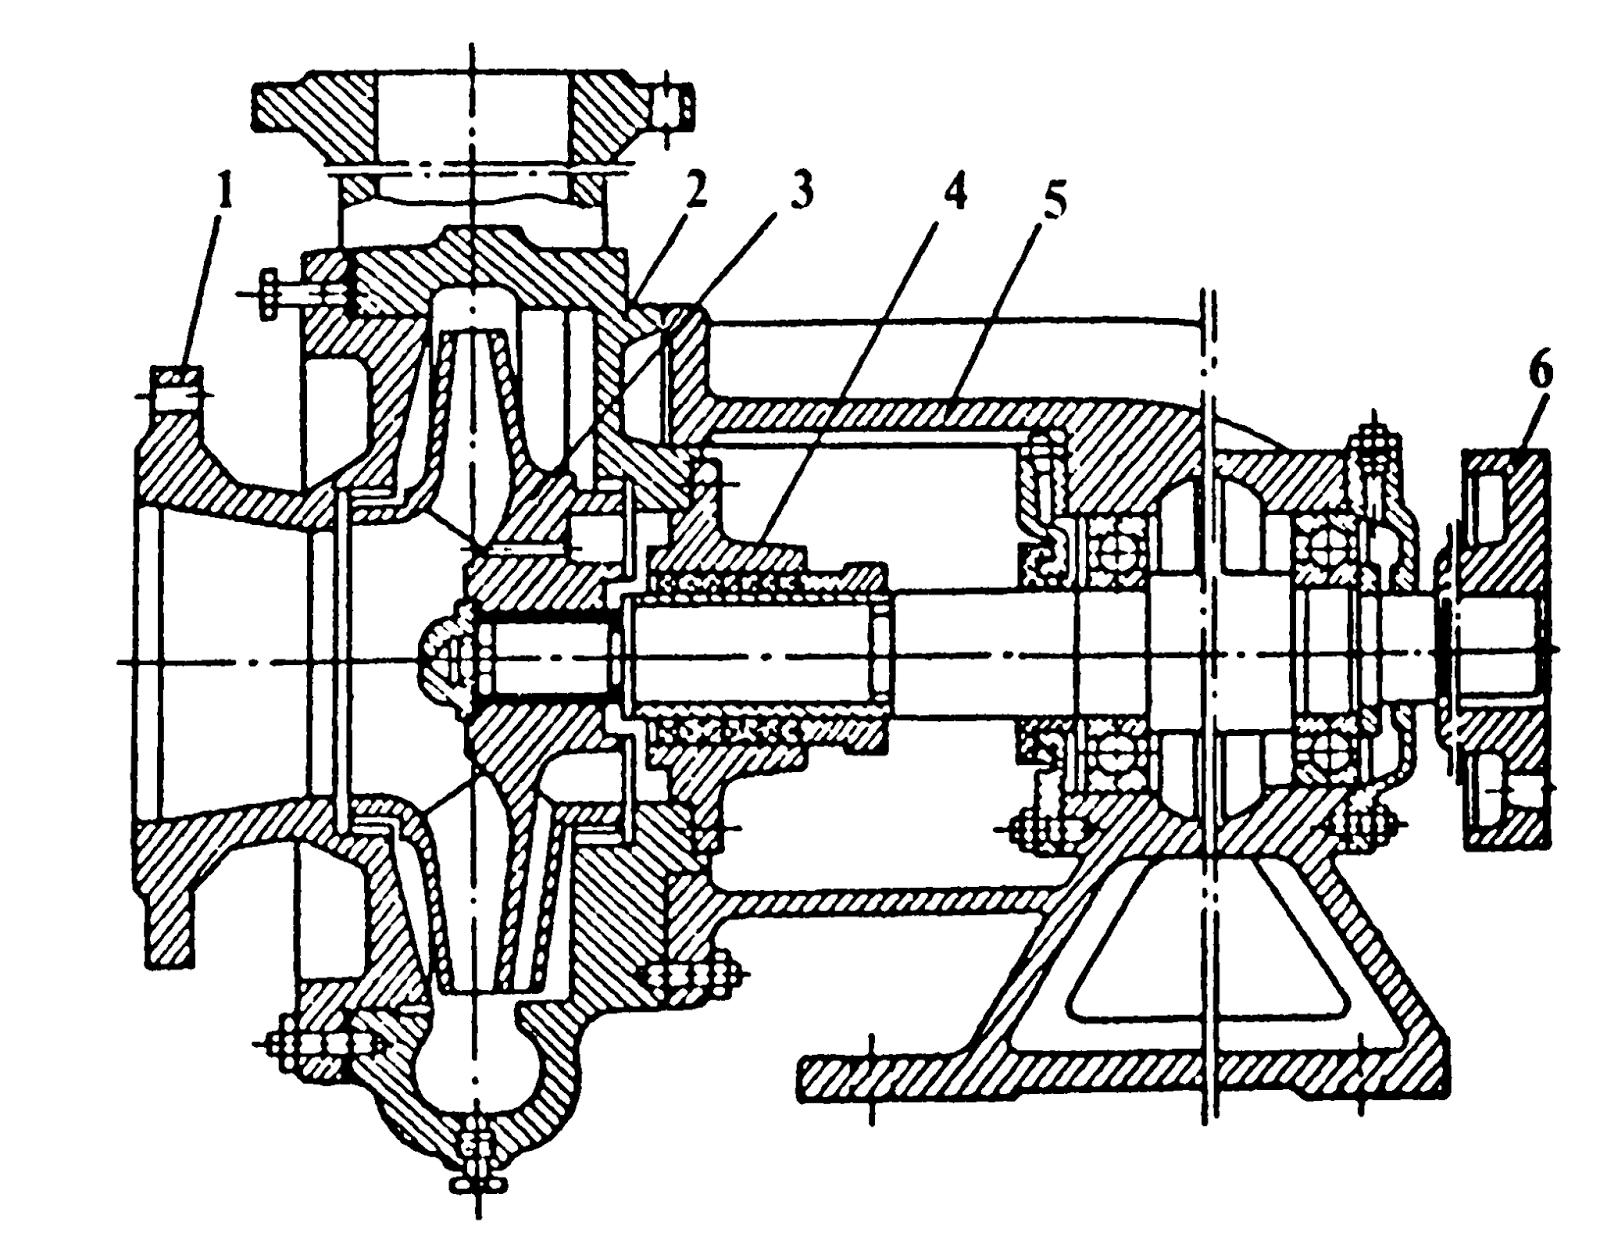 плунжерный насос схема и описание